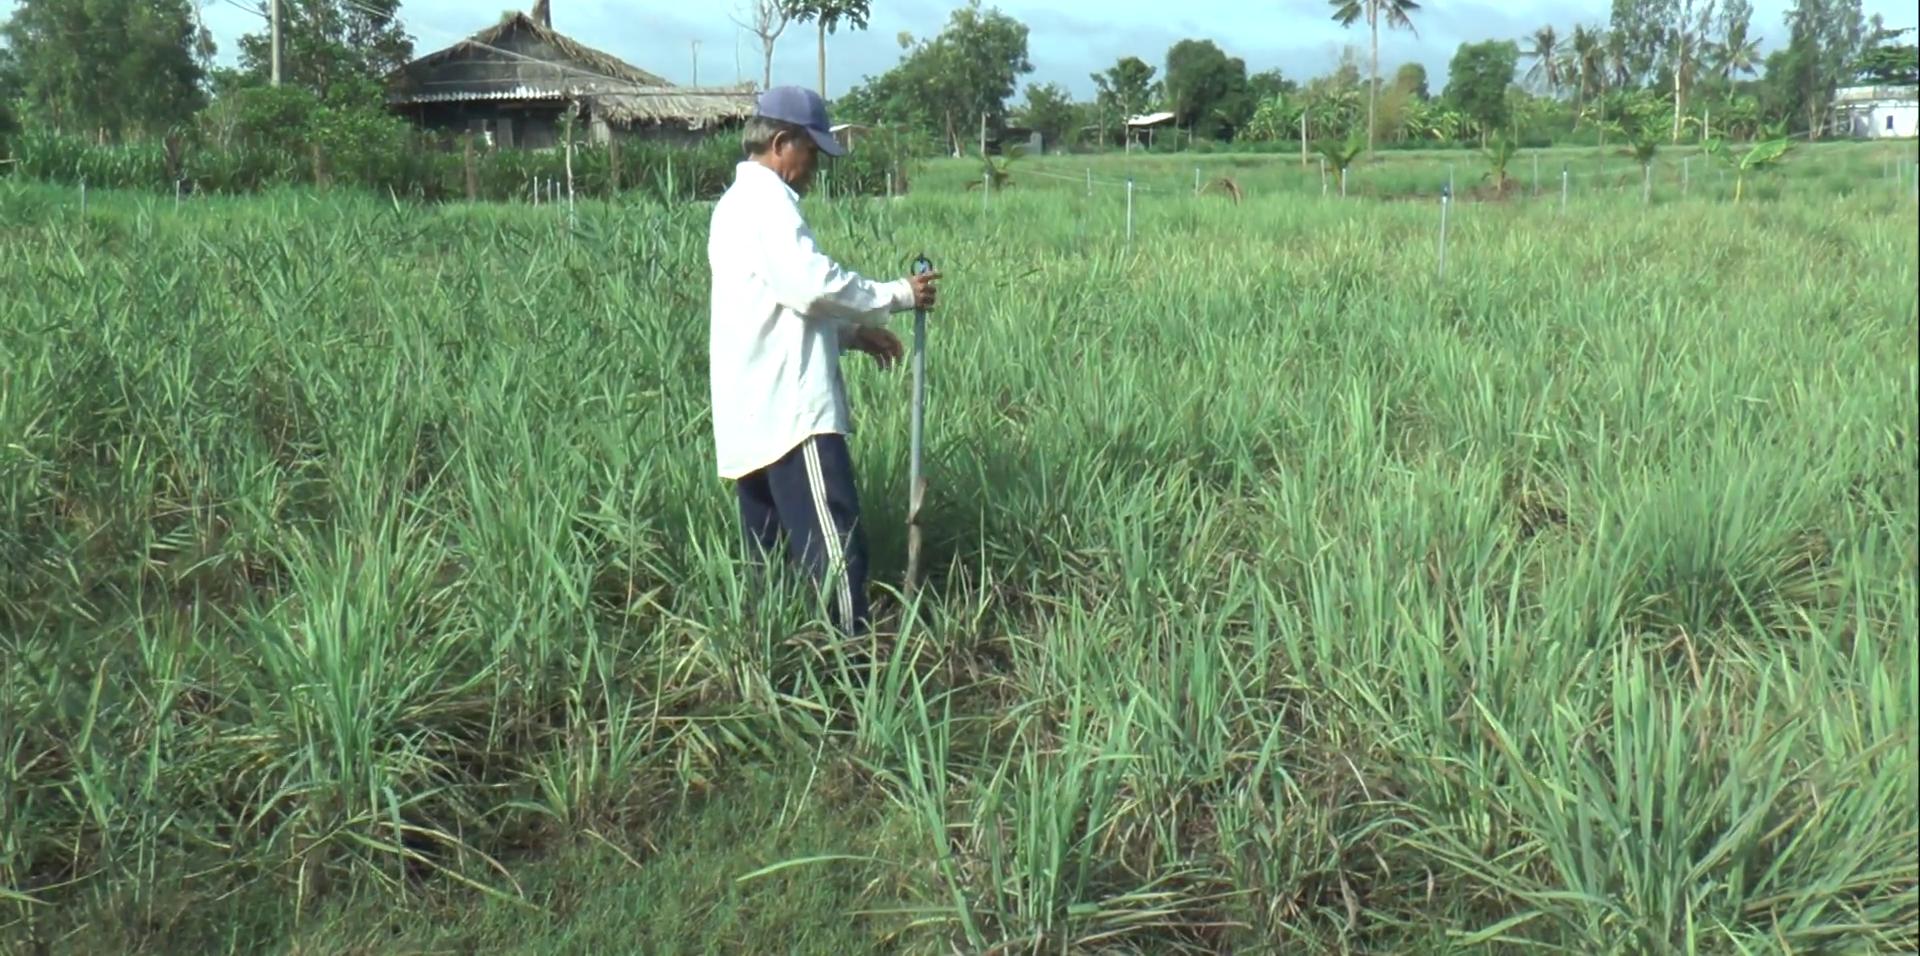 """Tiền Giang: Nhờ trồng cây gia vị này, nông dân huyện đảo nghèo nhất """"thủ phủ trái cây"""" sống phây phây - Ảnh 4."""